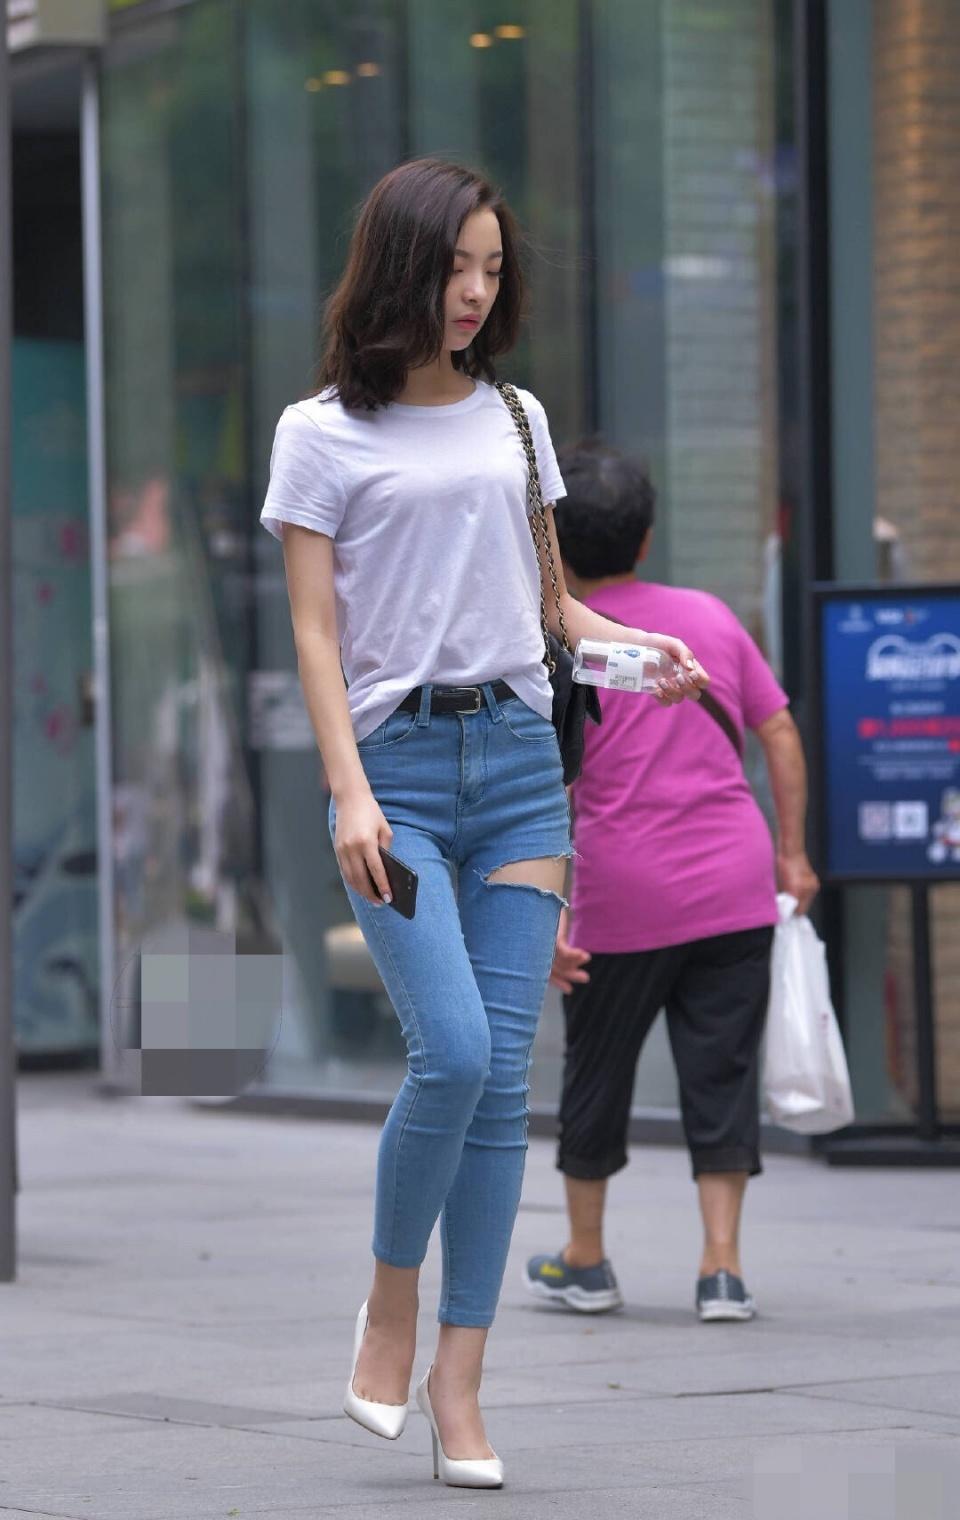 街拍:小缝隙高密牛仔裤开个紧身,是为了散热还情趣内衣姐姐图片